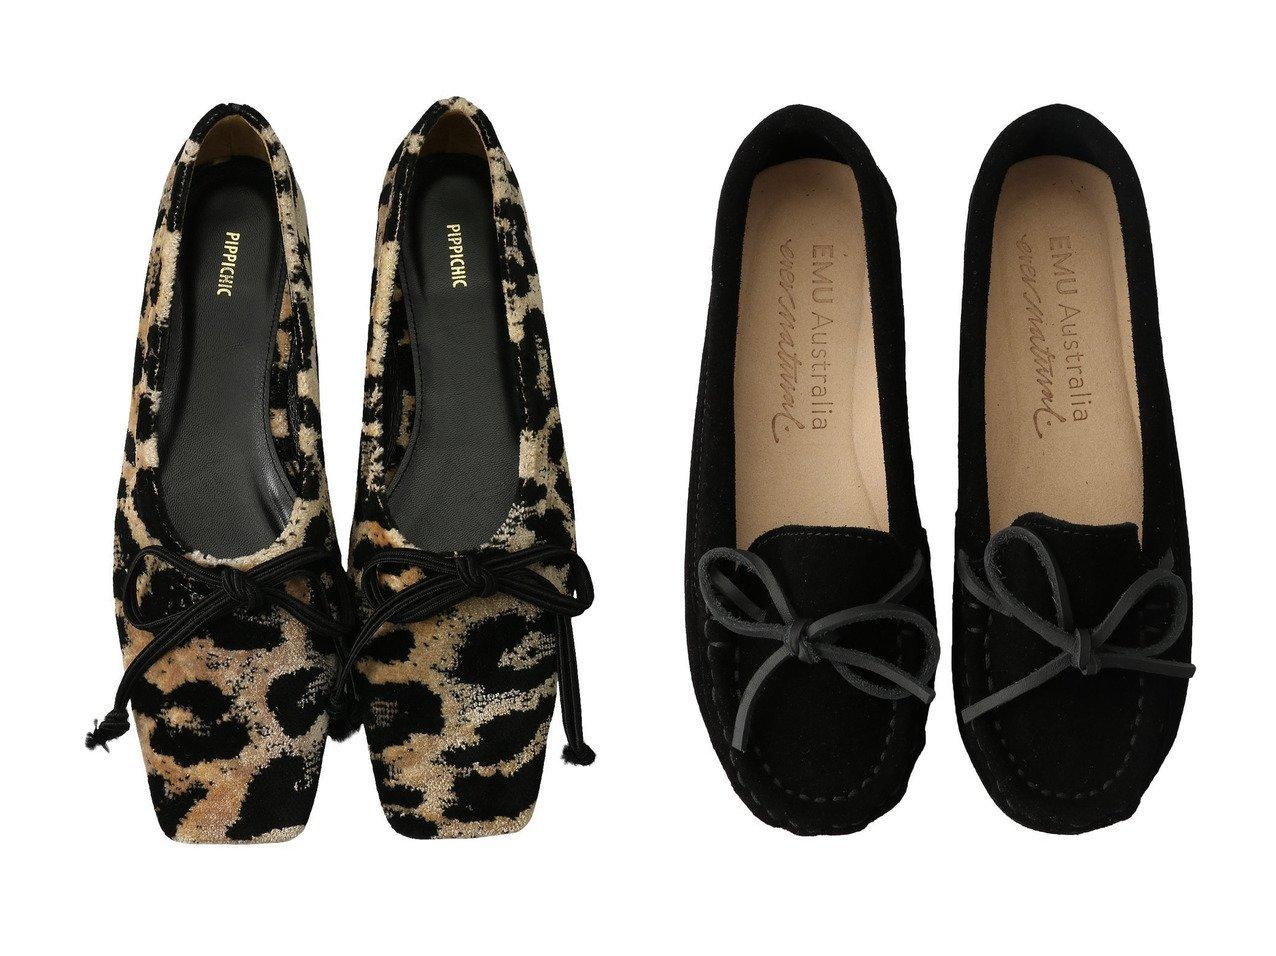 【Pippichic/ピッピシック】の【ELLE SHOP限定】AMBER BALLET ベルベットフラットシューズ&【EMU Australia/エミュ オーストラリア】のOdessa Mini CC モカシン シューズ・靴のおすすめ!人気、レディースファッションの通販  おすすめで人気のファッション通販商品 インテリア・家具・キッズファッション・メンズファッション・レディースファッション・服の通販 founy(ファニー) https://founy.com/ ファッション Fashion レディース WOMEN シューズ シンプル トレンド バレエ フィット フラット リボン レオパード スエード |ID:crp329100000000101